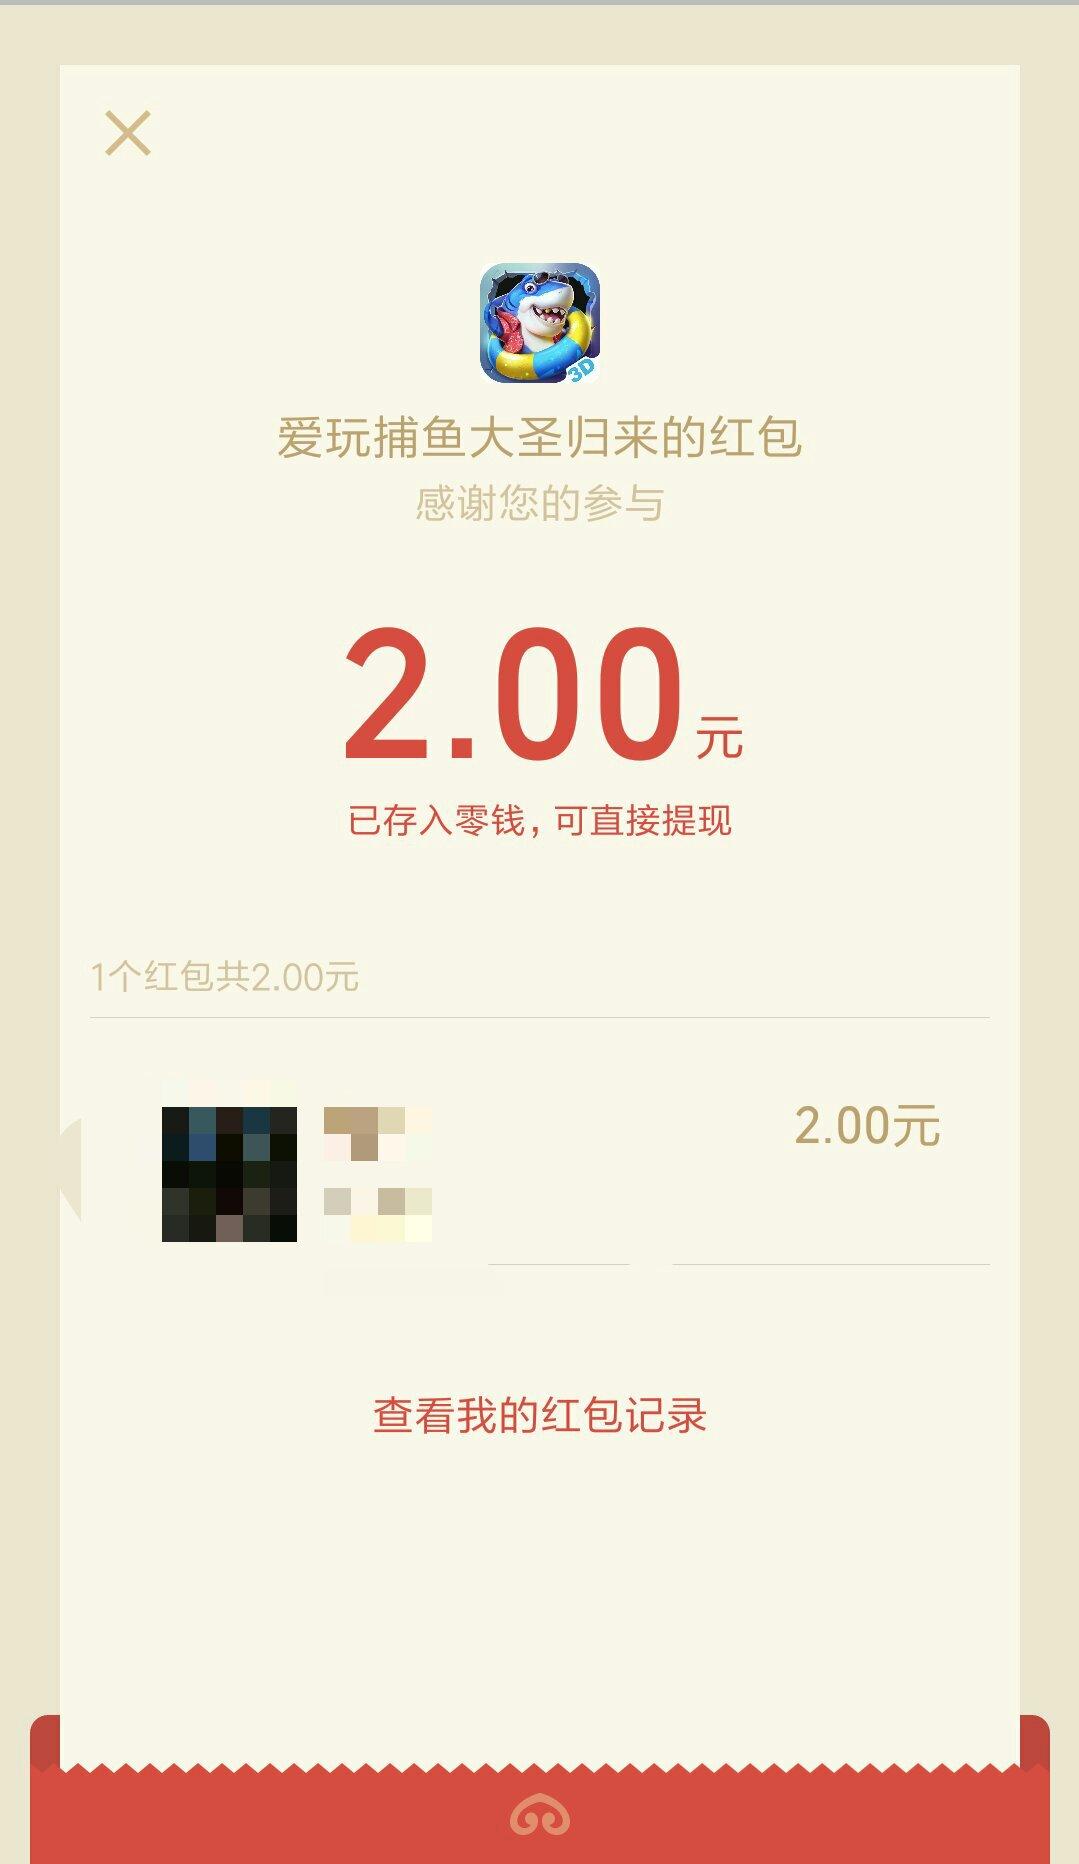 【现金红包】必中2元微信红包-100tui.cn